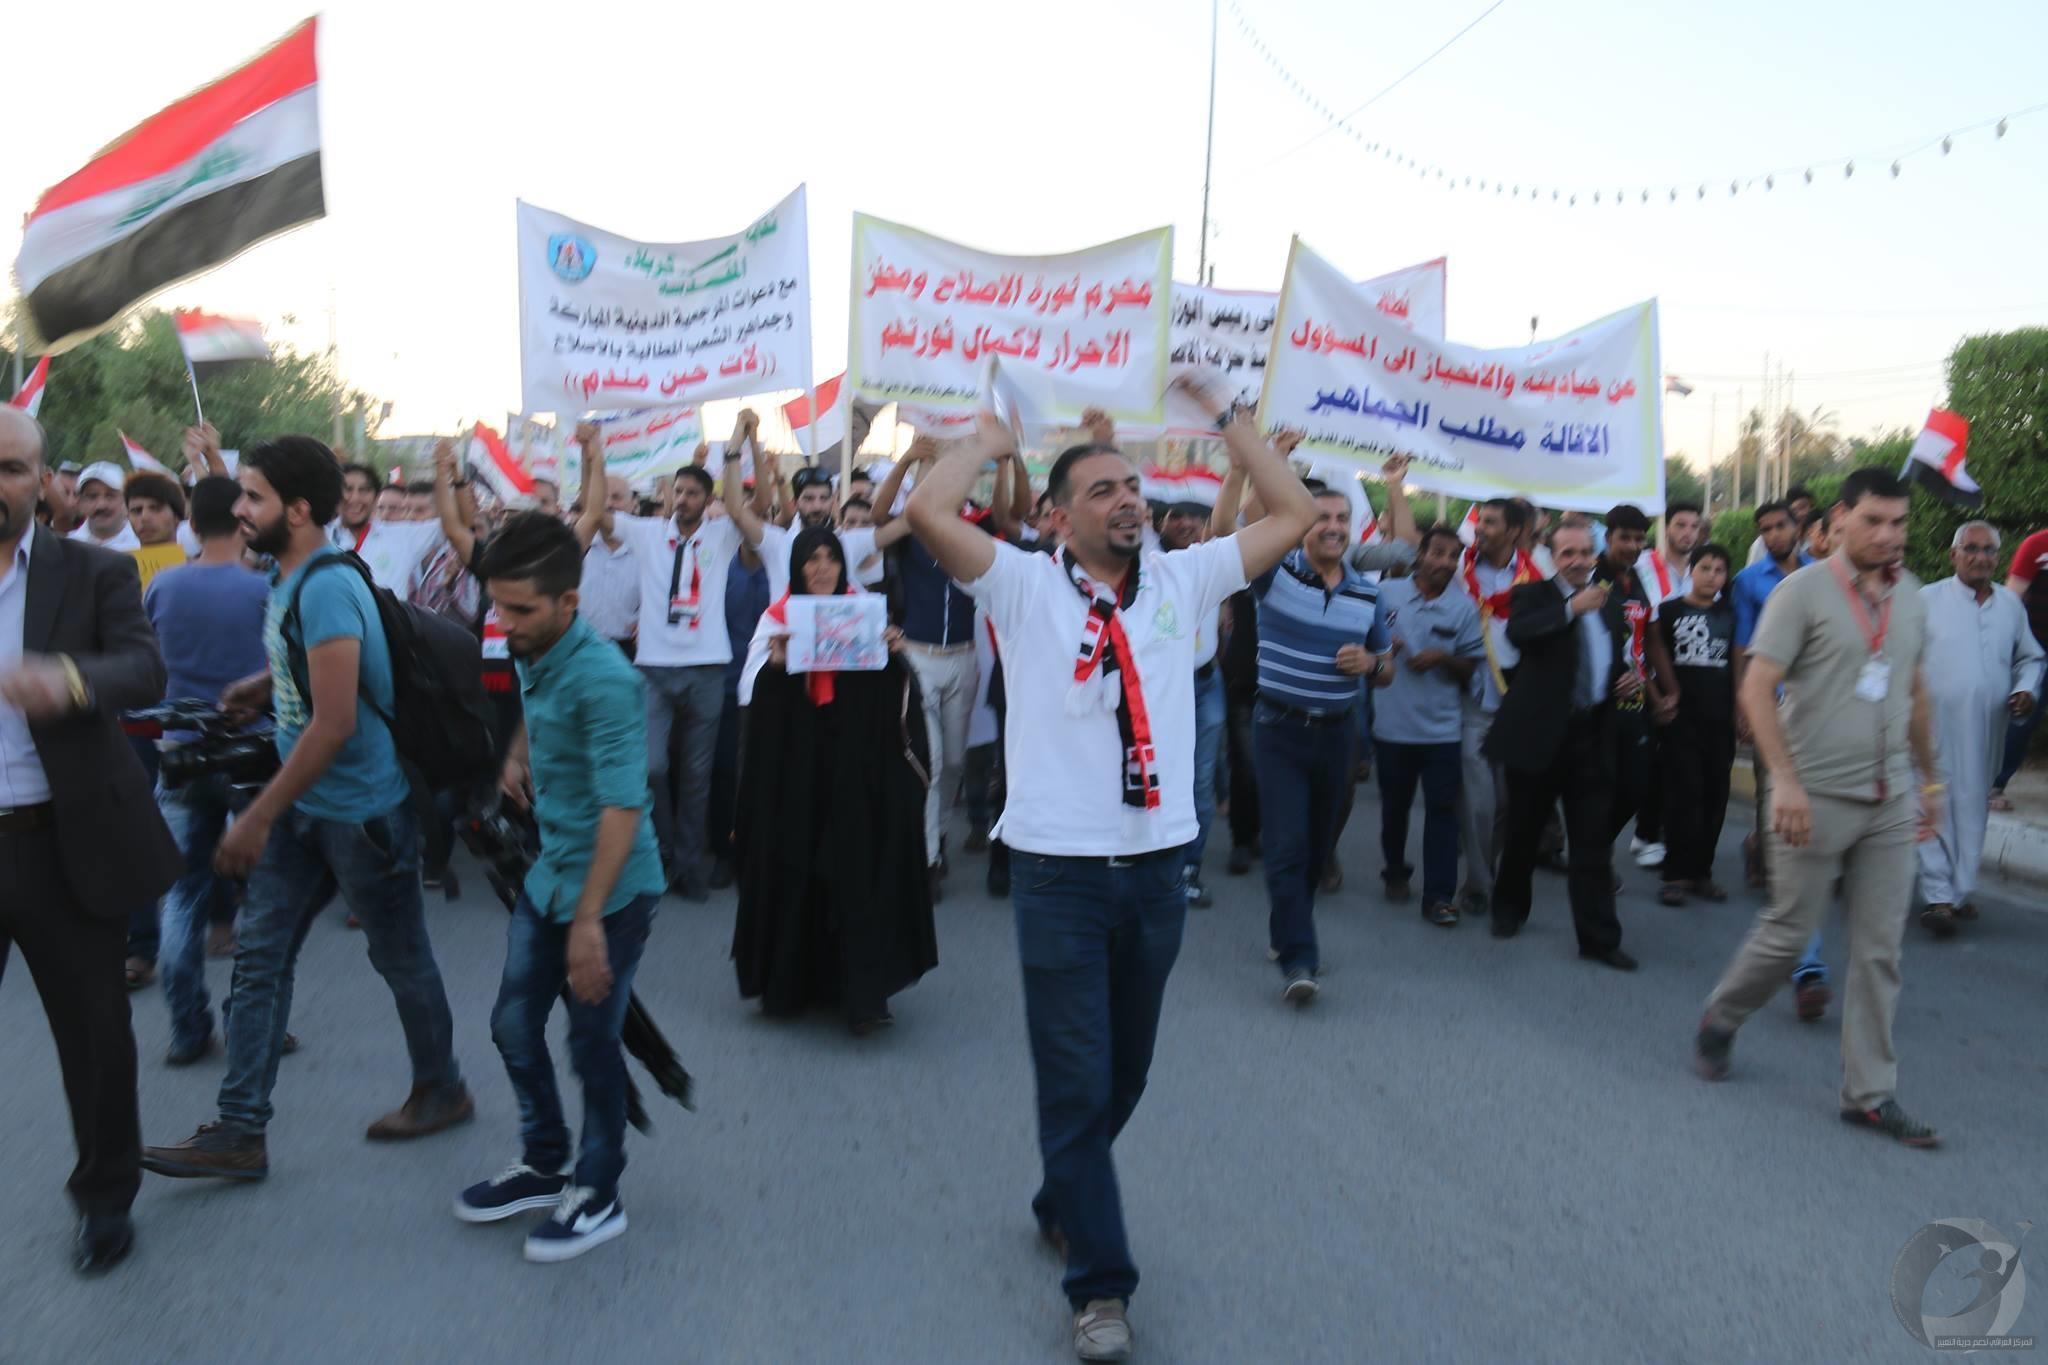 المركز العراقي لدعم حرية التعبير يدين مداهمة منزل رئيس حركة احتجاجية في كربلاء